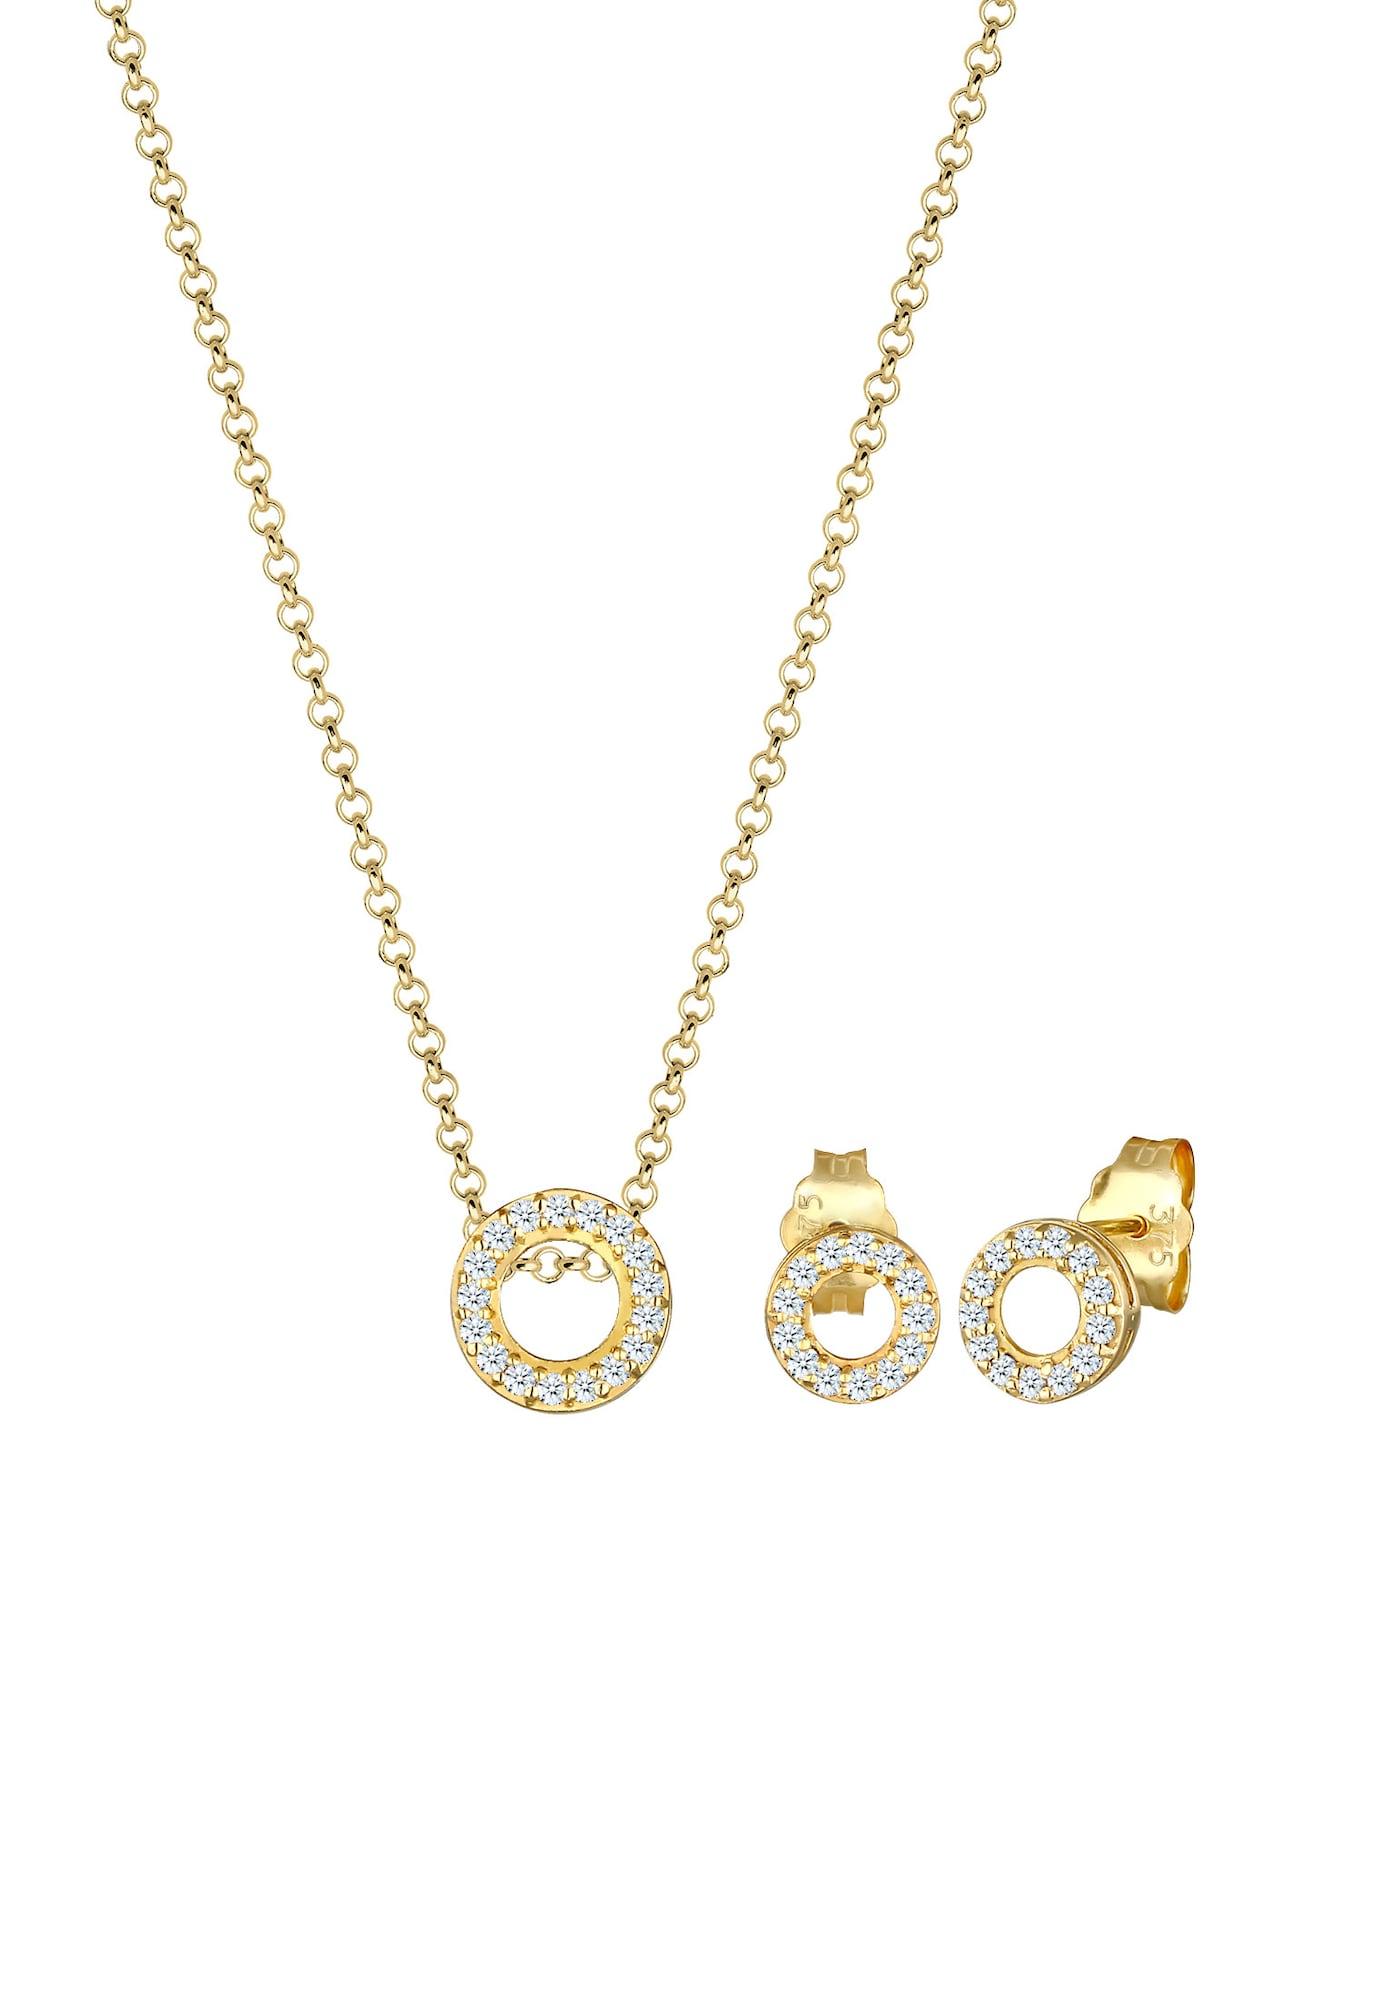 Schmuckset Diamant, Geo, Kreis   Schmuck > Schmucksets   Diamore